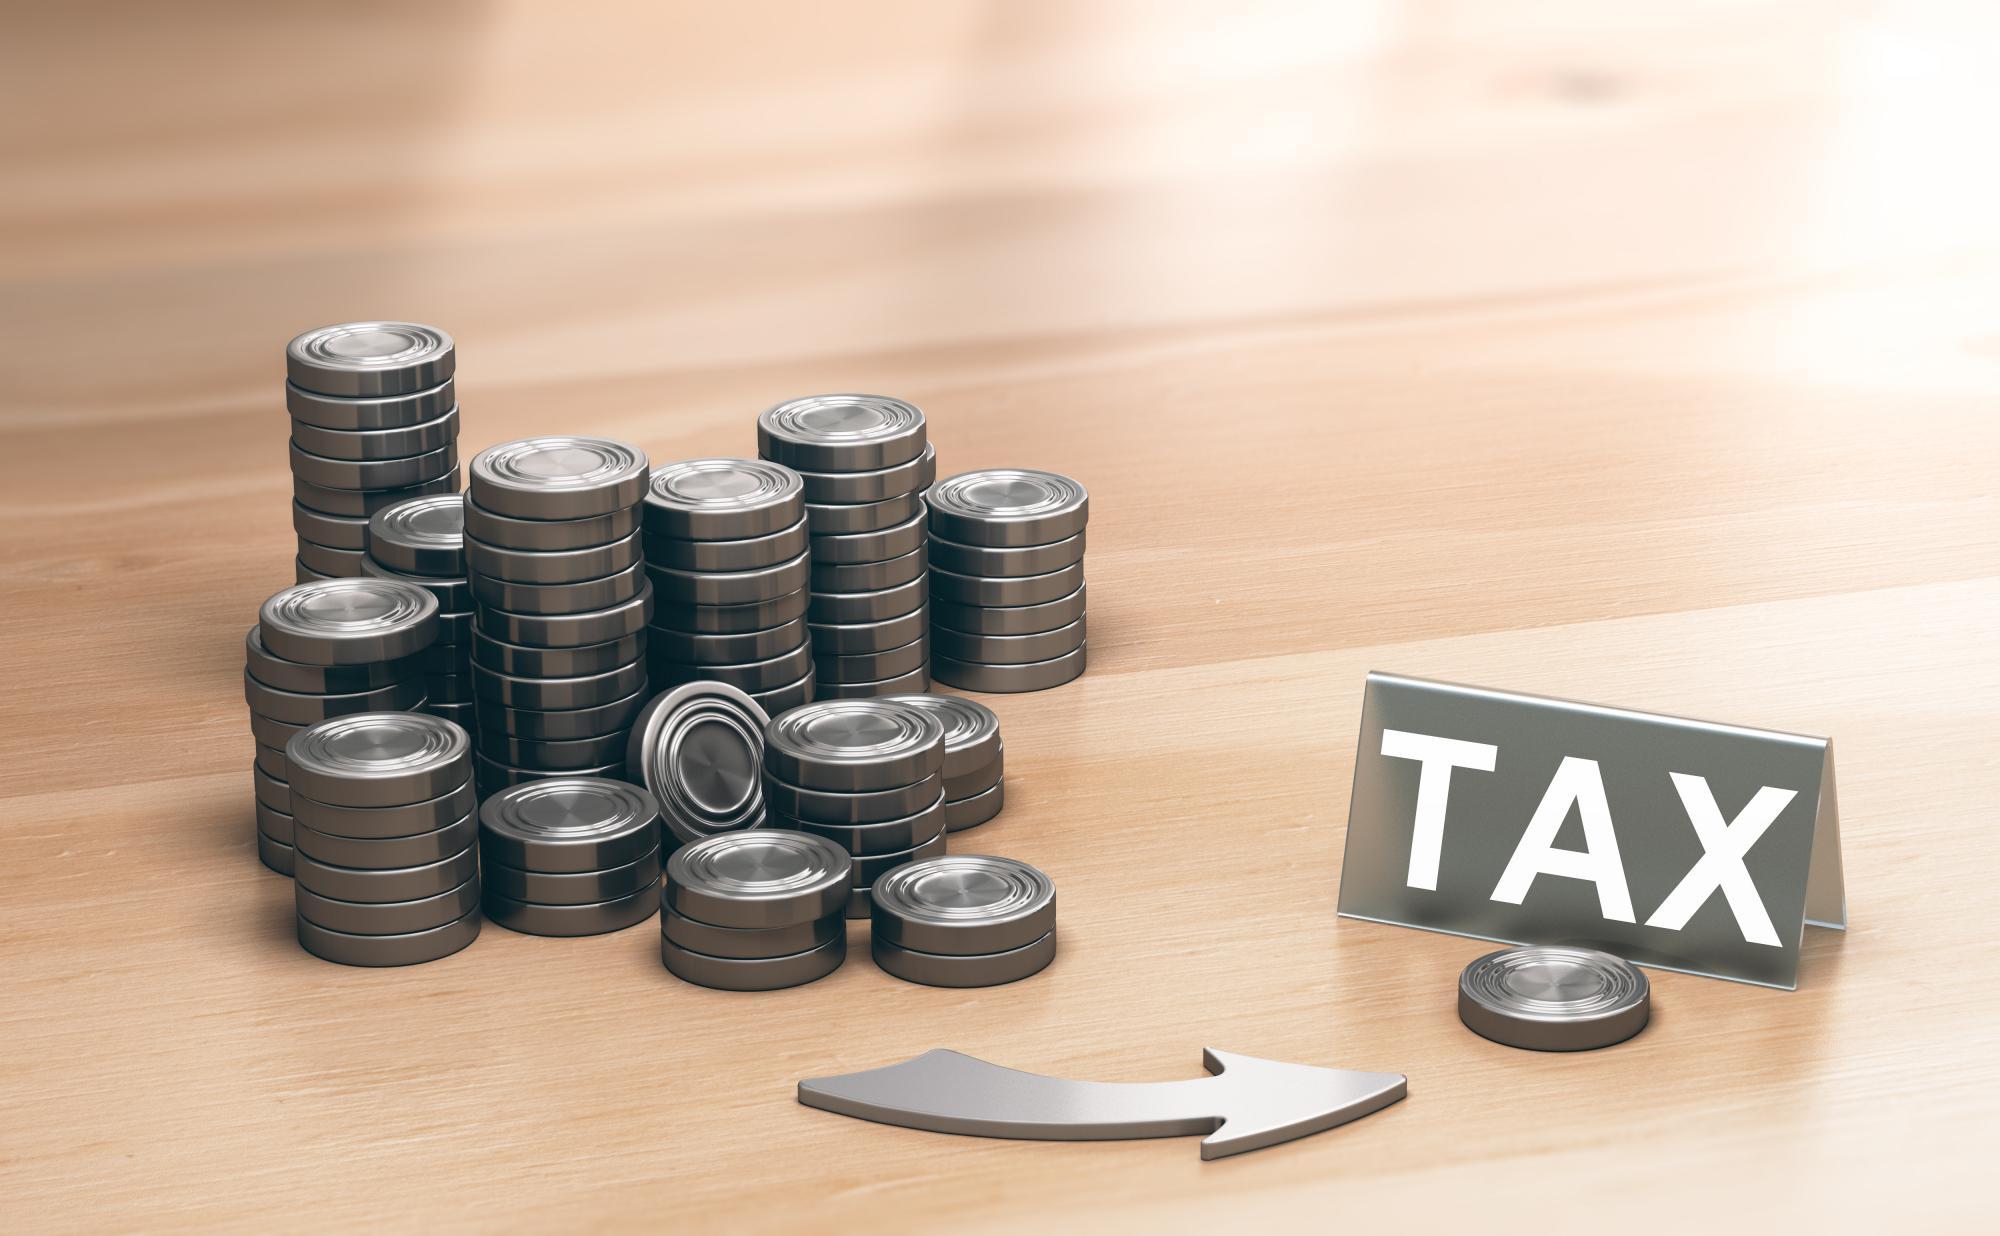 Подсчитаны убытки ЕС от недоплаченного американскими корпорациями налога